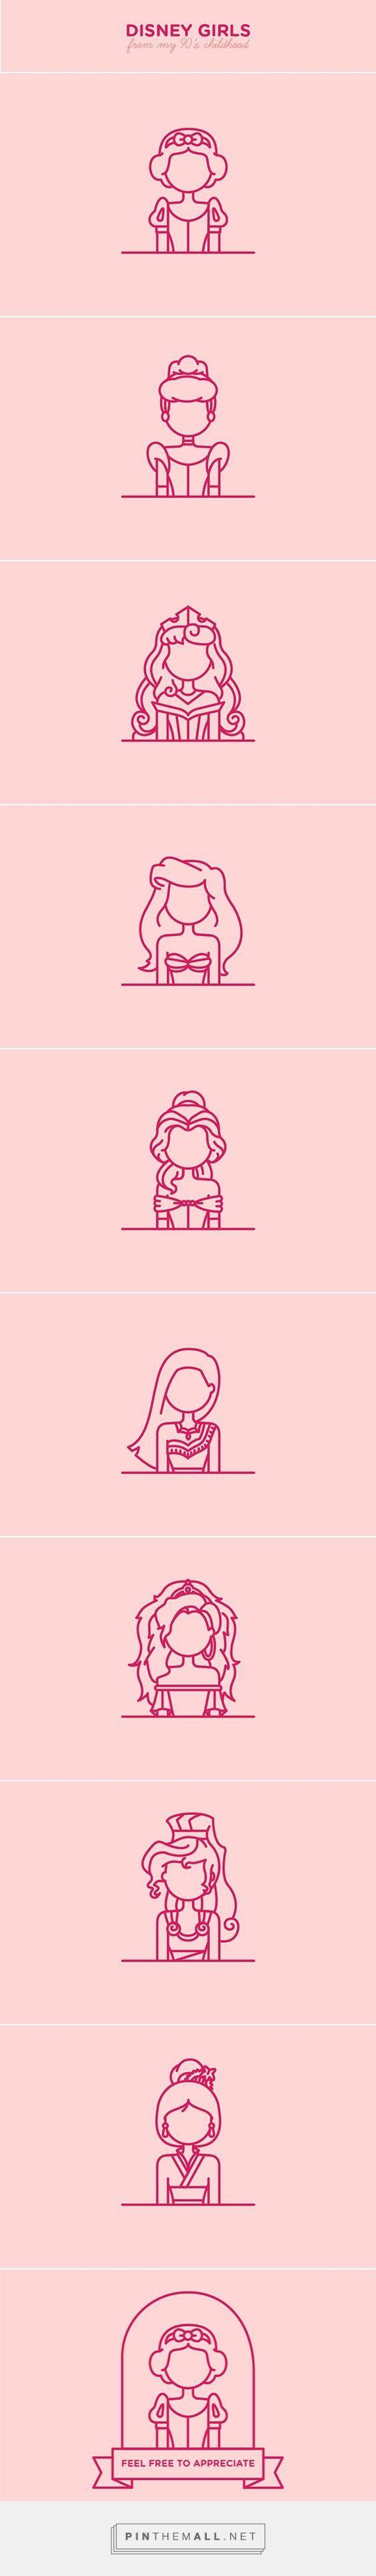 Disney Princess│Disney Princesas - #Disney - #Princesas - #Princess: